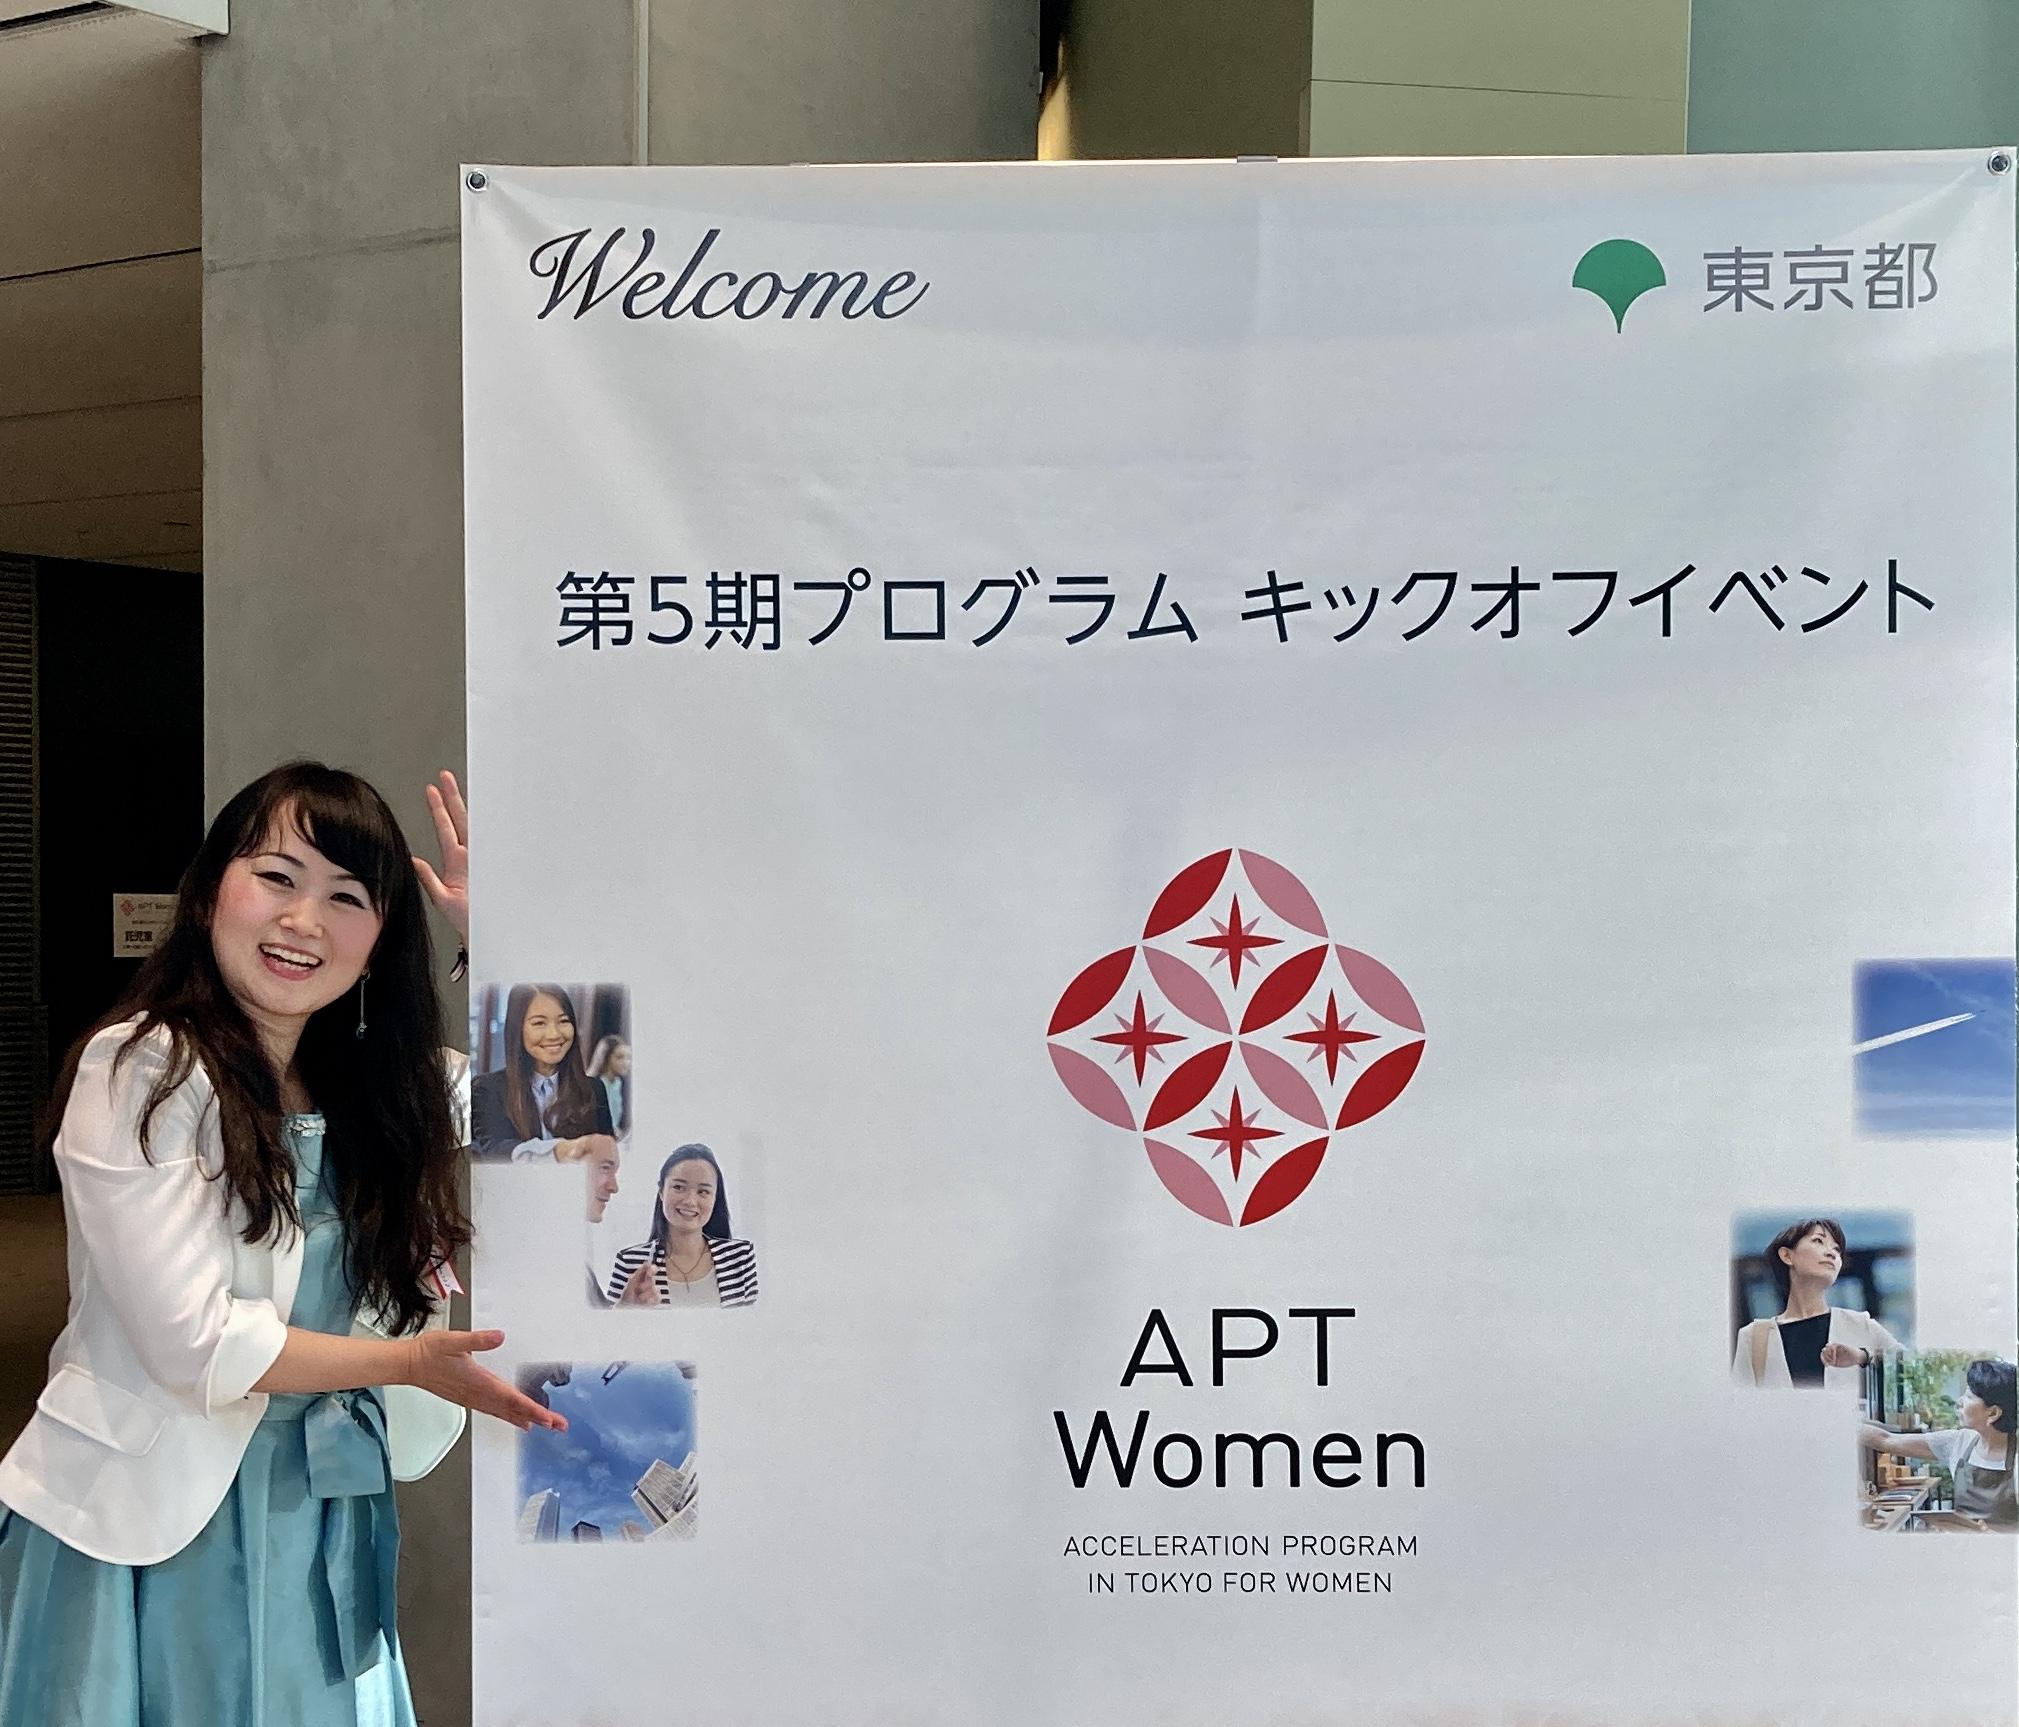 東京都女性ベンチャー成長促進事業APT Women5期生に採択されました